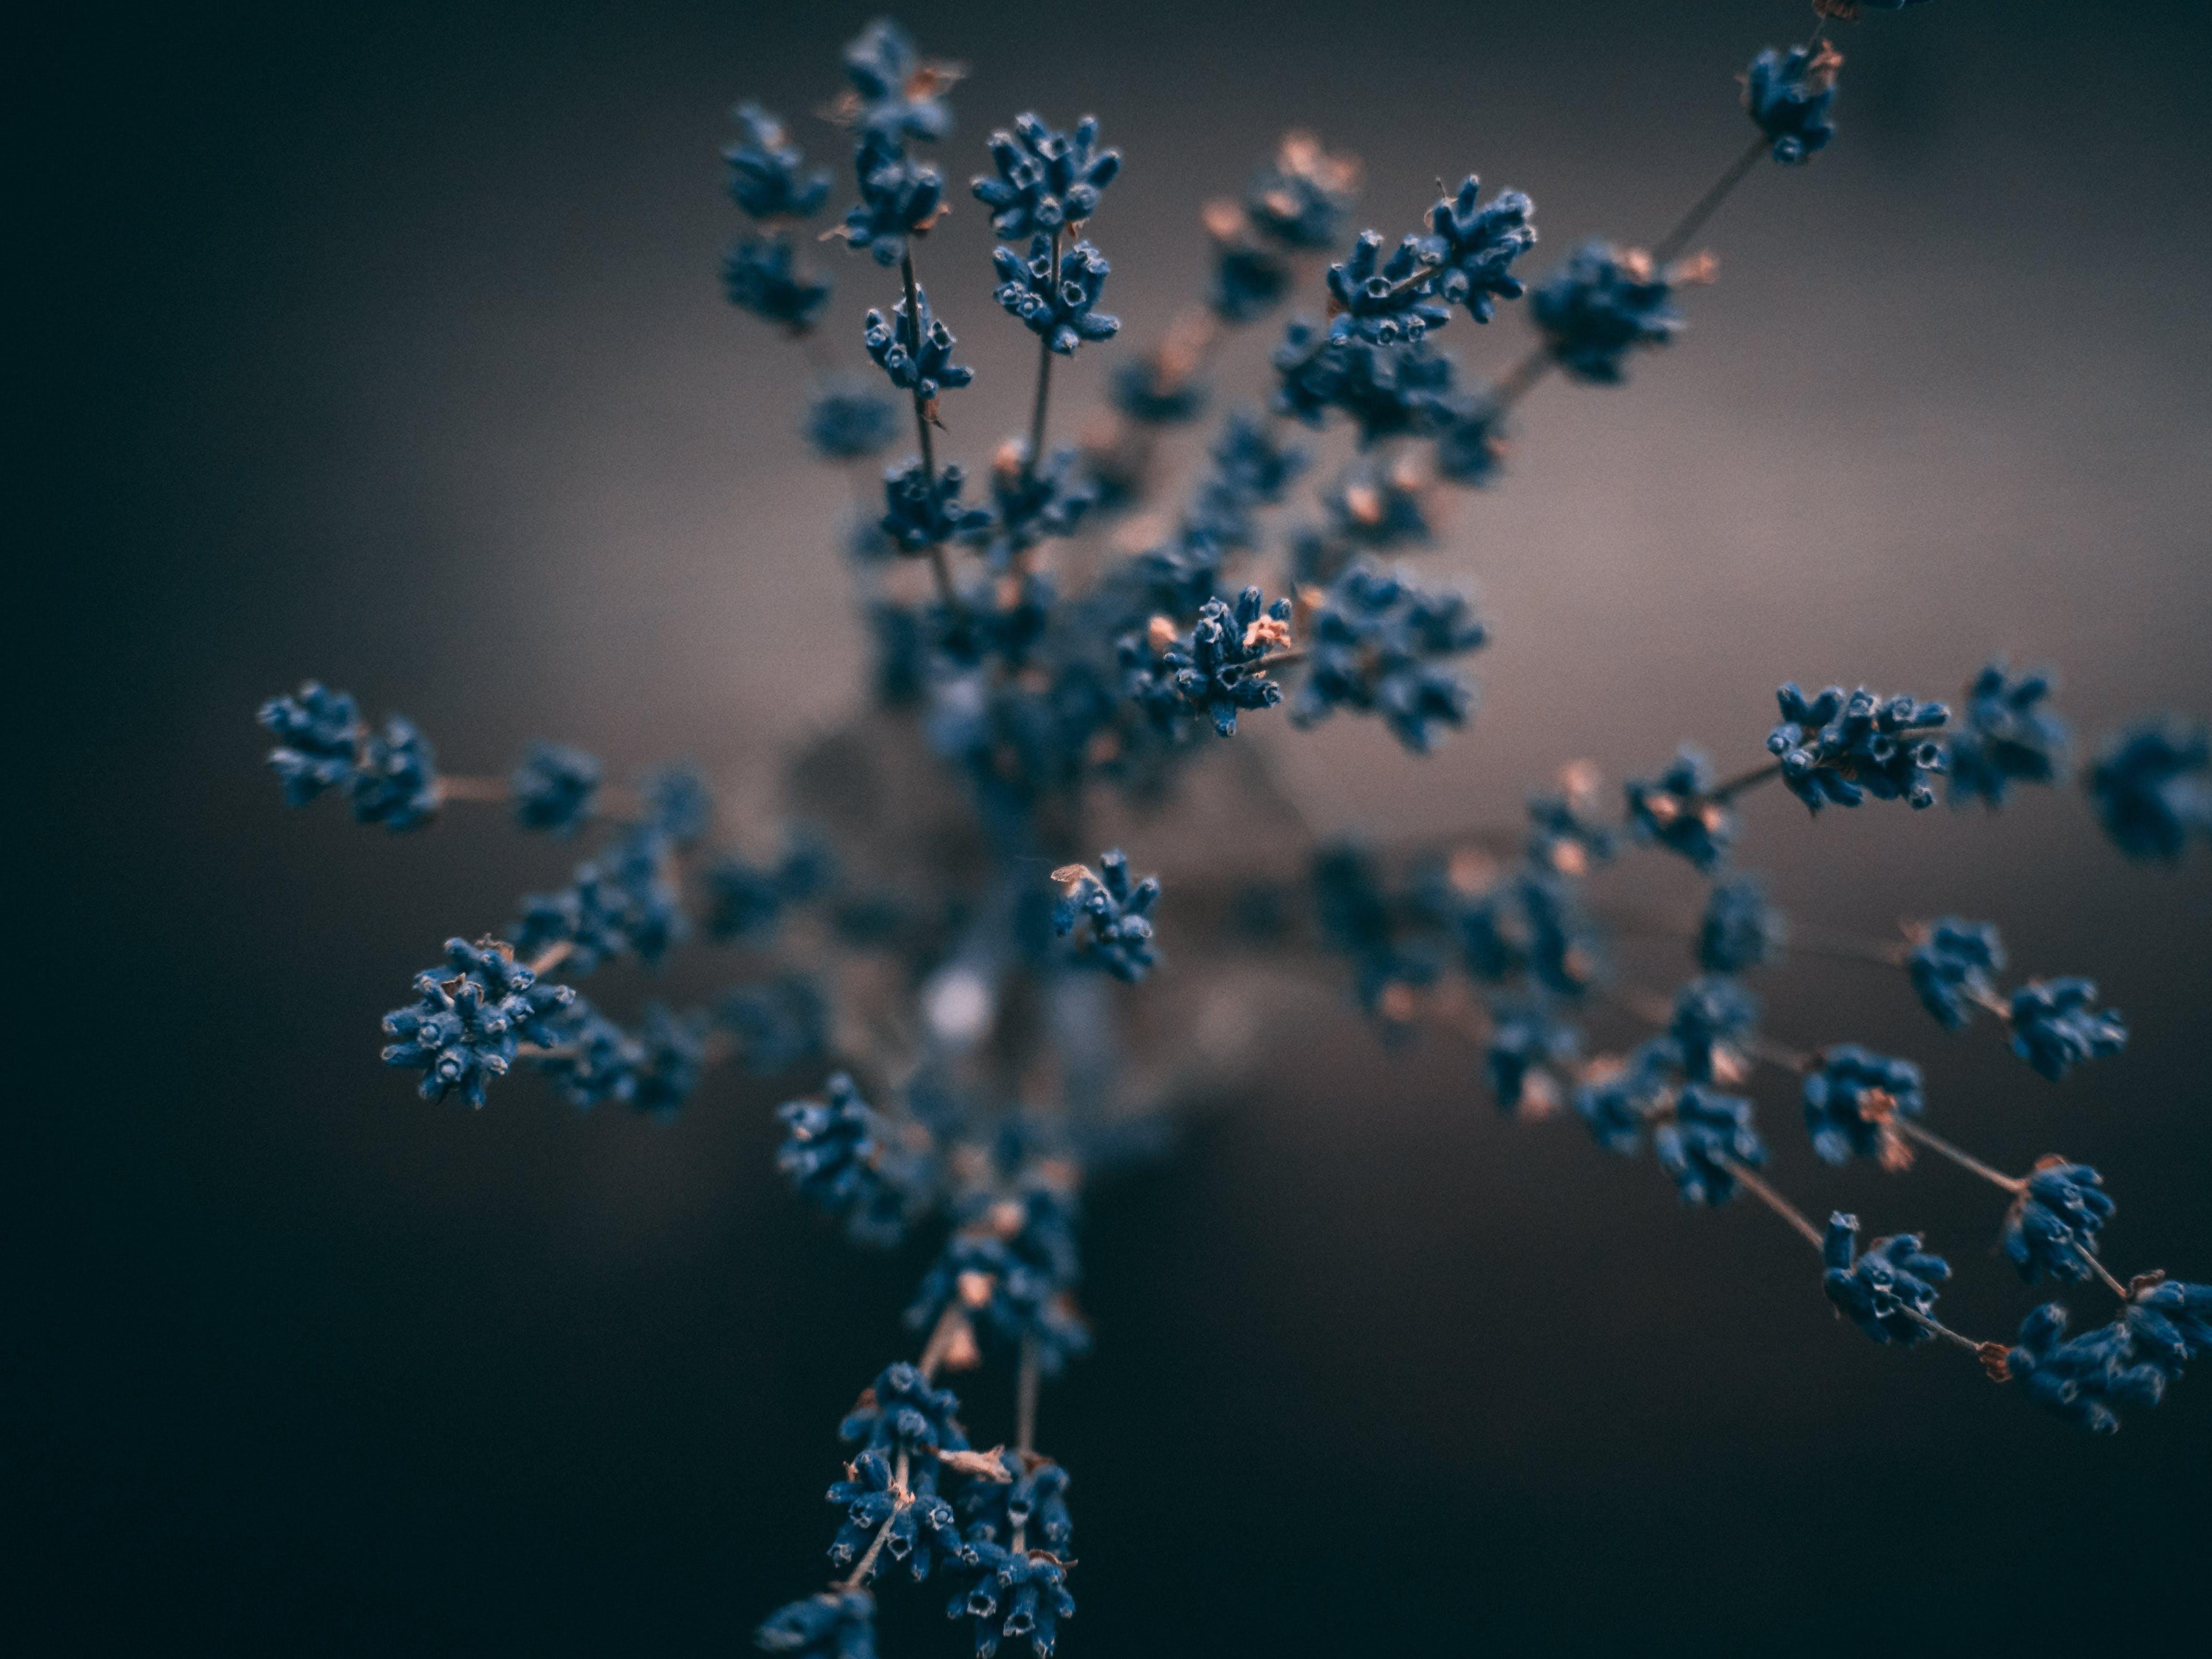 Free stock photo of blue, calm, close up, close-up